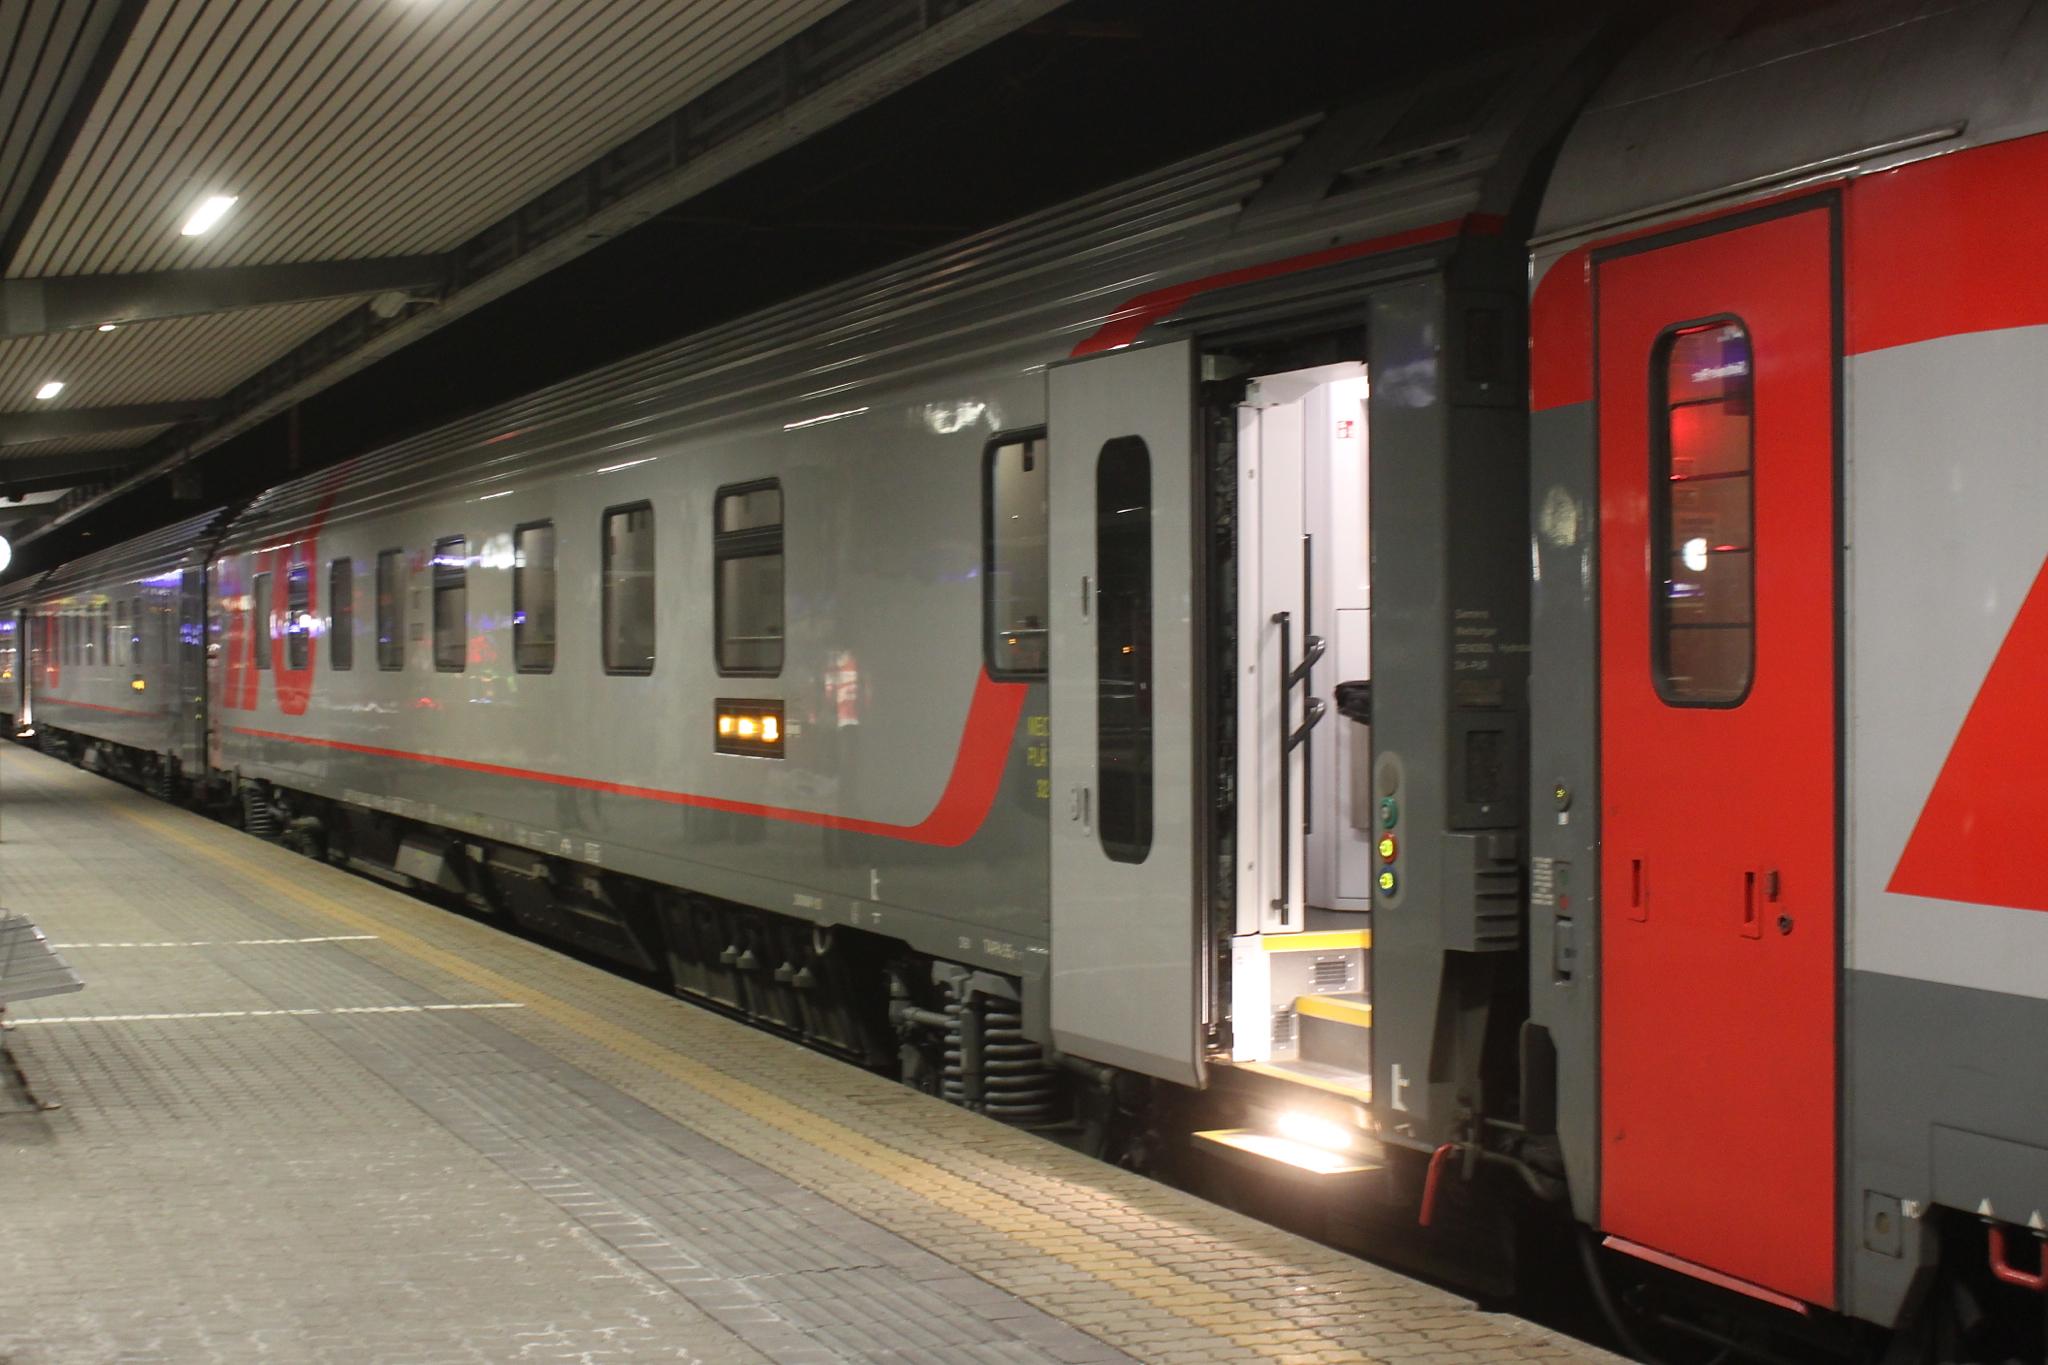 Carrozza Letto Excelsior : Si impicca nel bagno del treno: suicida osvaldo cocucci babboleo.it